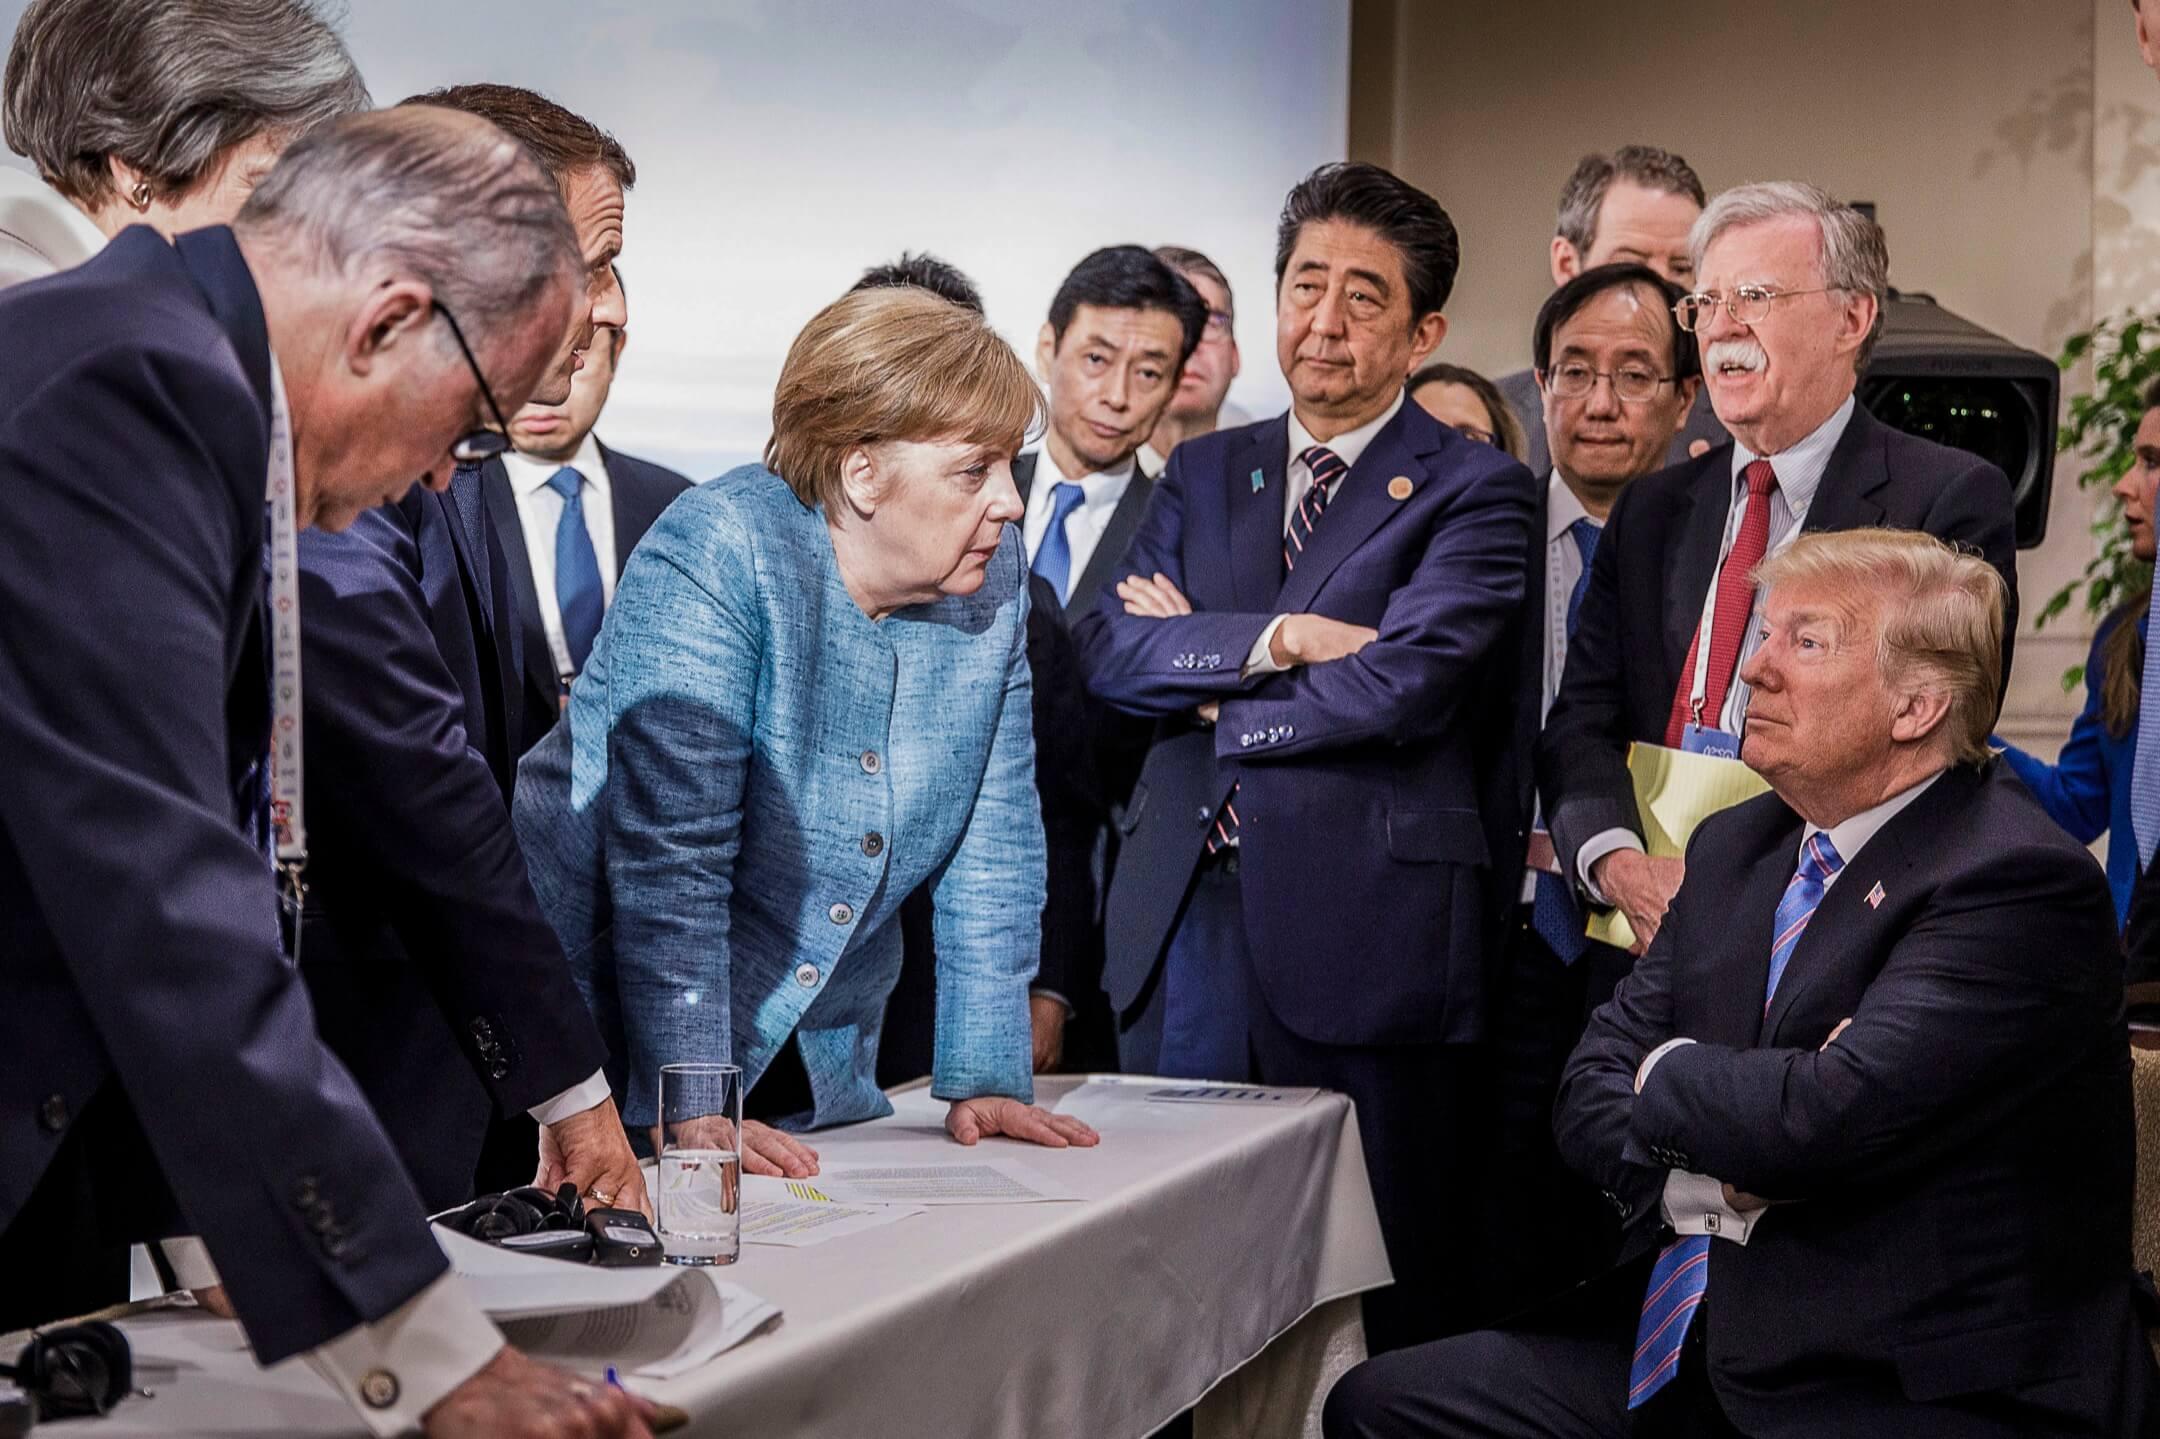 2018年6月9日,七國集團峰會於加拿大魁北克省舉行,法國總統馬克龍、德國總理默克爾、日本首相安倍晉三等國家元首正與美國總統特朗普對話。